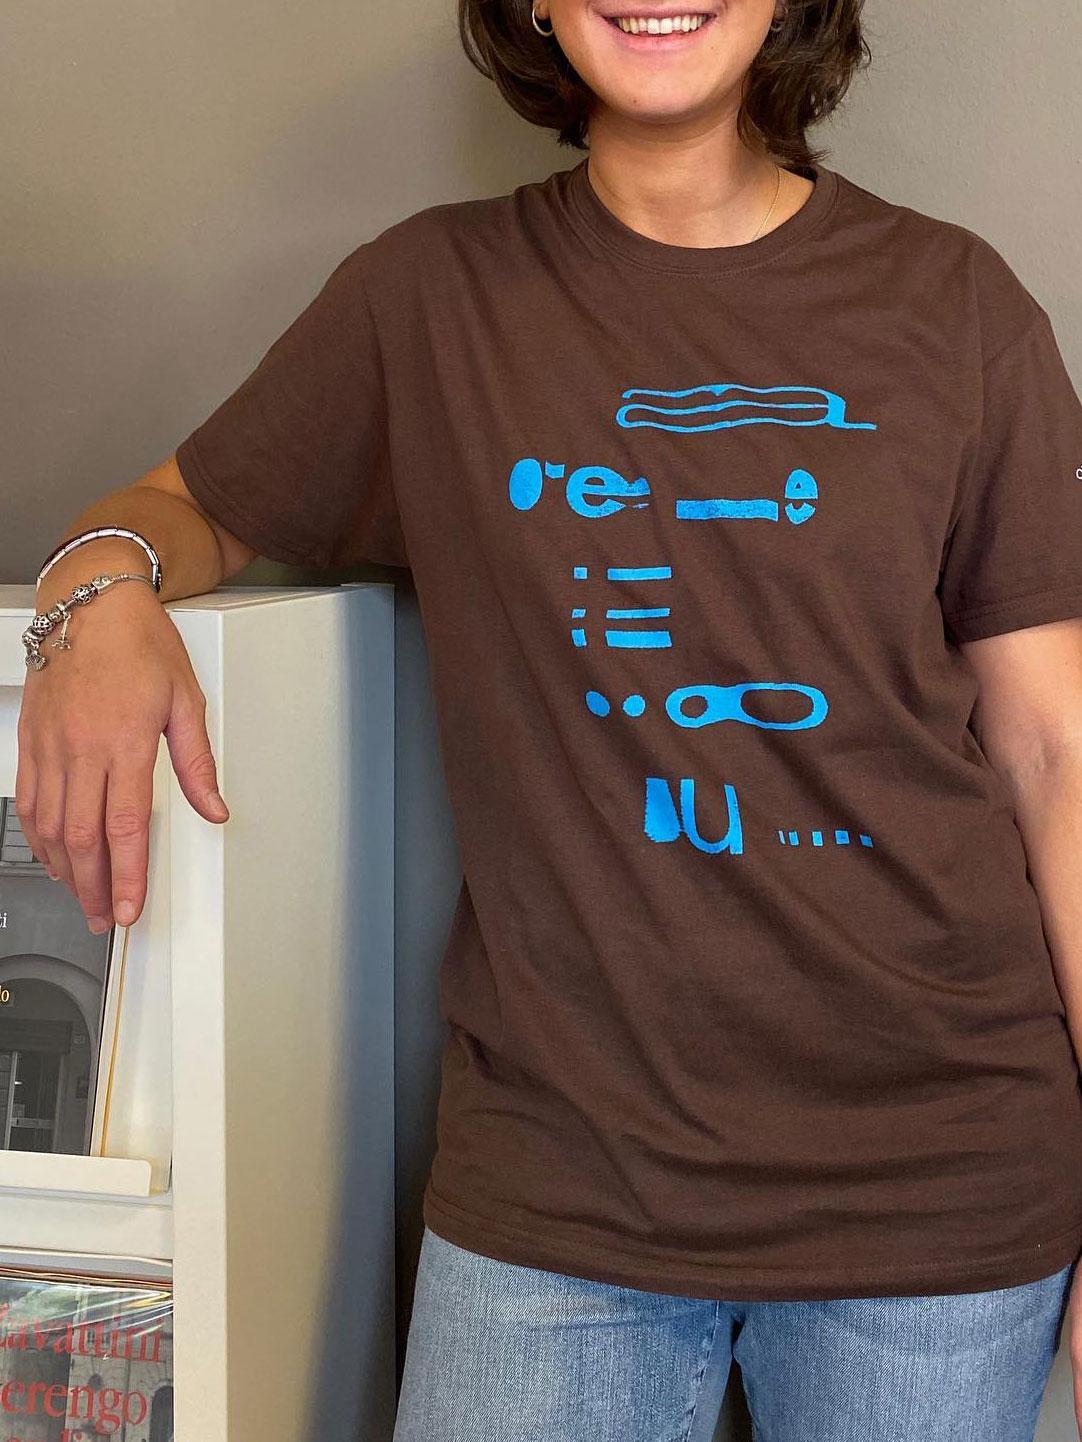 CZC-tshirt